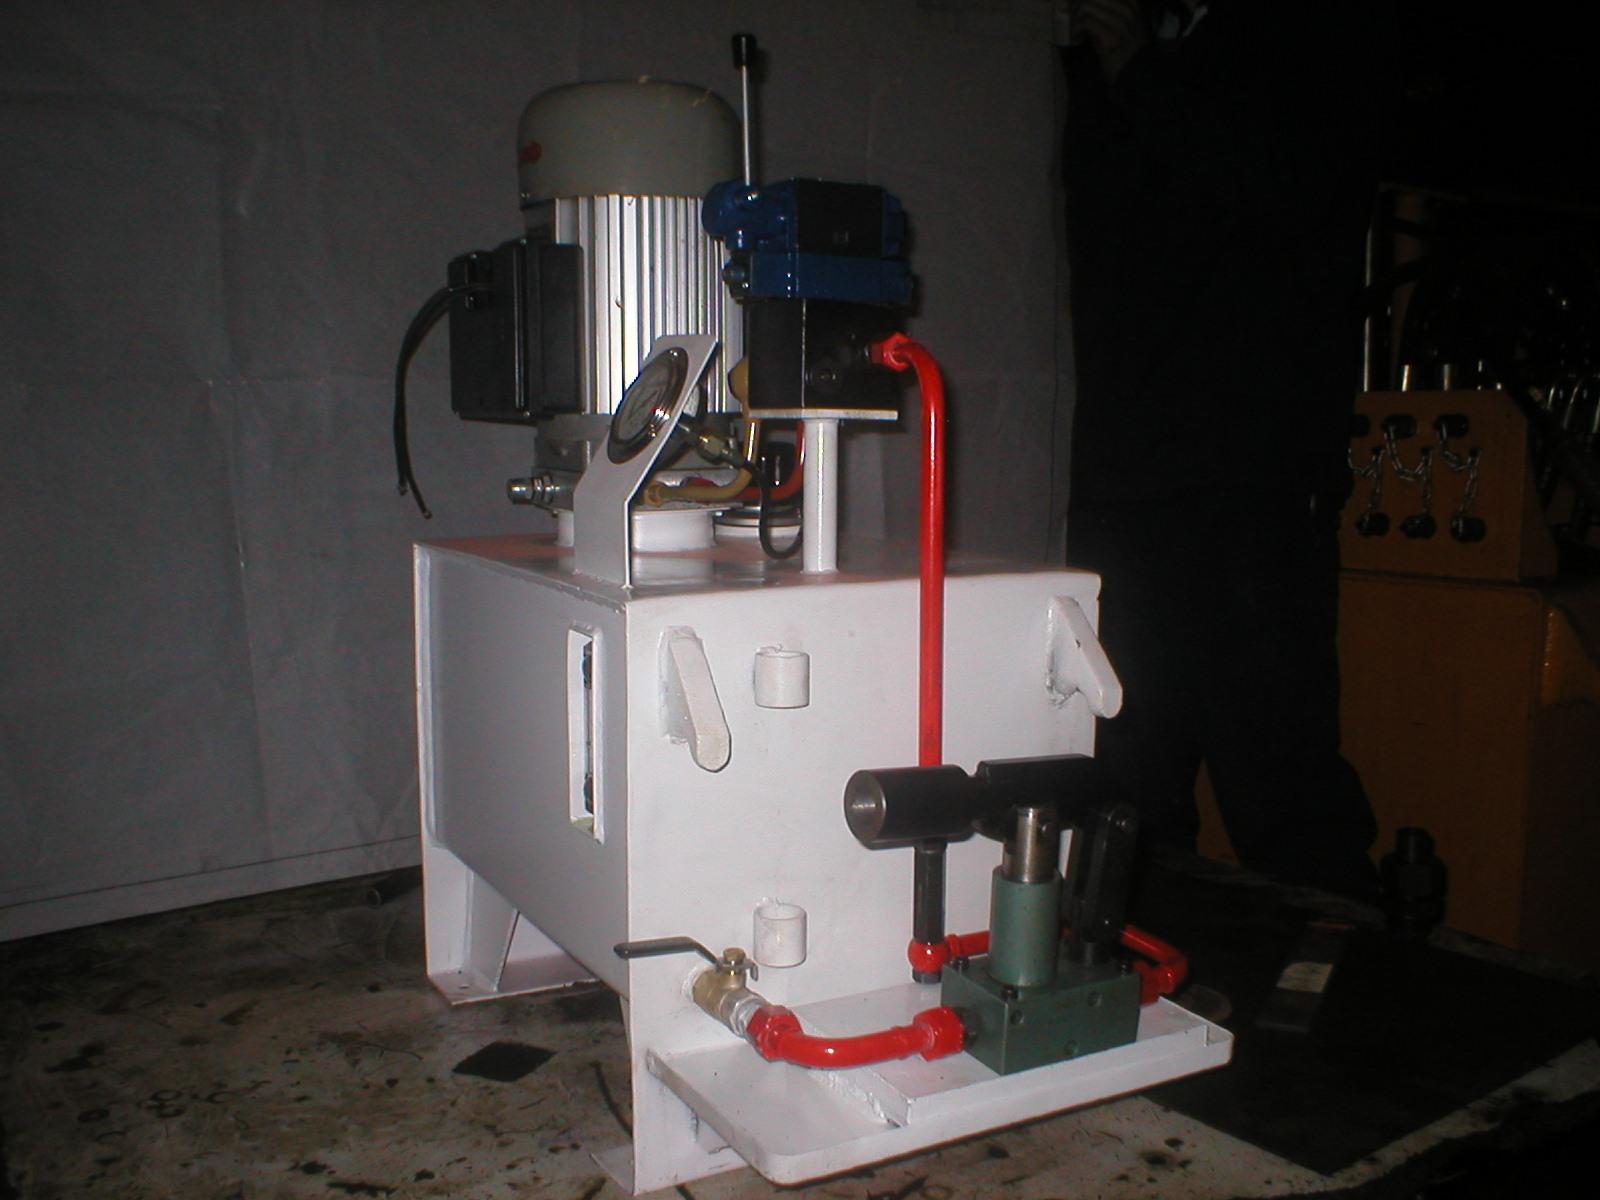 非标液压站,定做液压站,非标液压设备,液压升降系统,液压系统设计图片